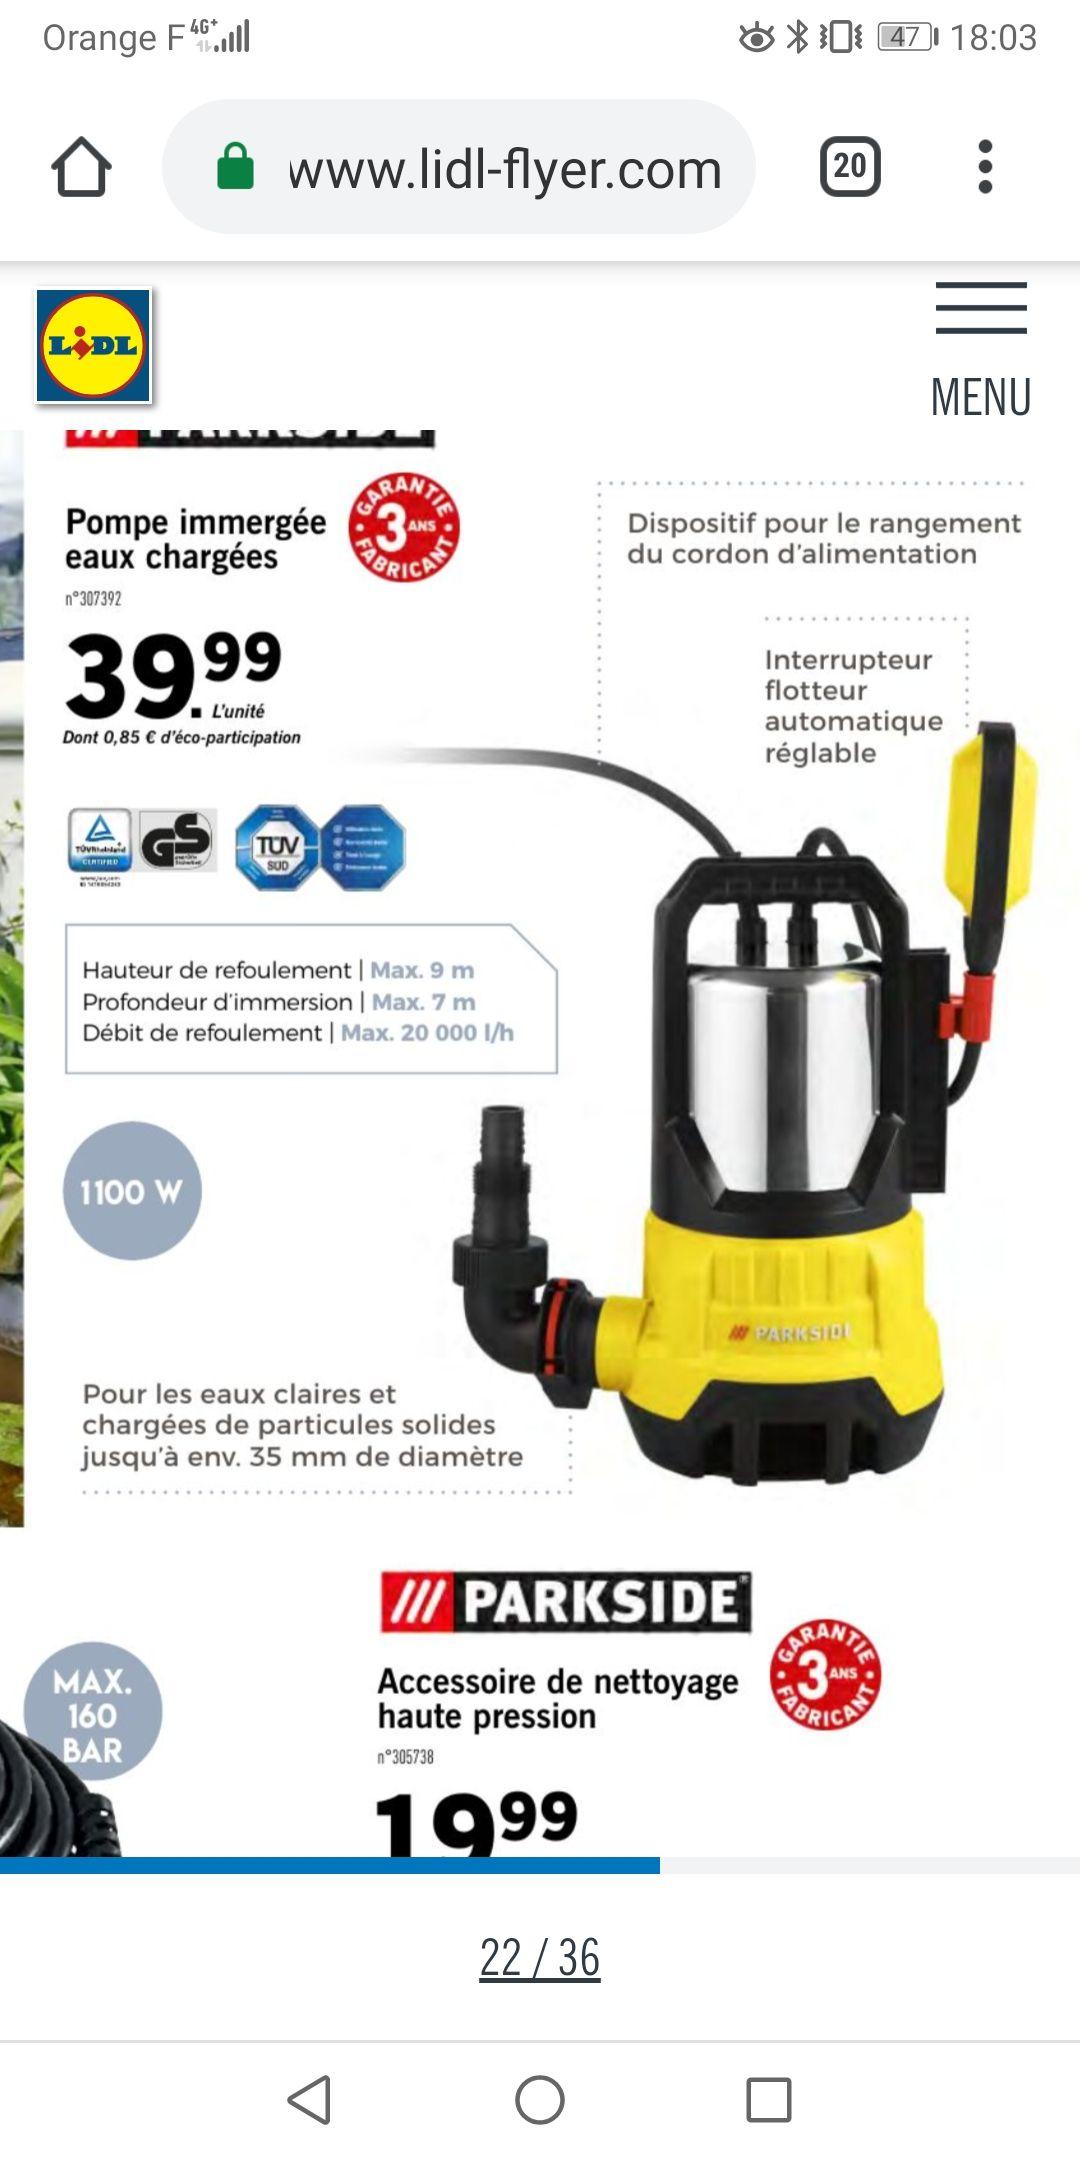 Pompe immergée pour eaux chargéex ParkSide - 1100 W